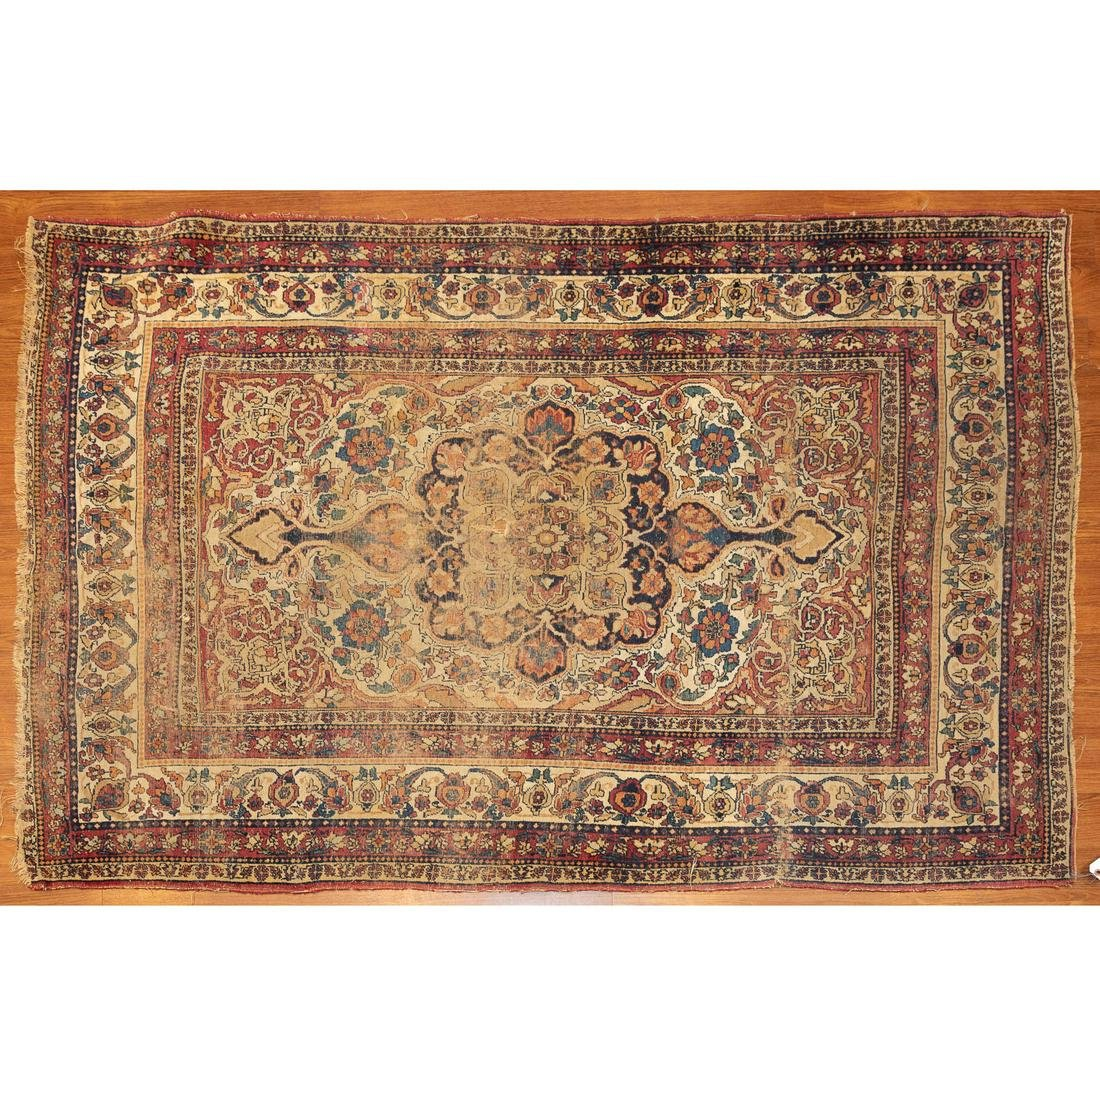 Antique Lavar Kerman Rug, Persia, 4.3 x 6.2